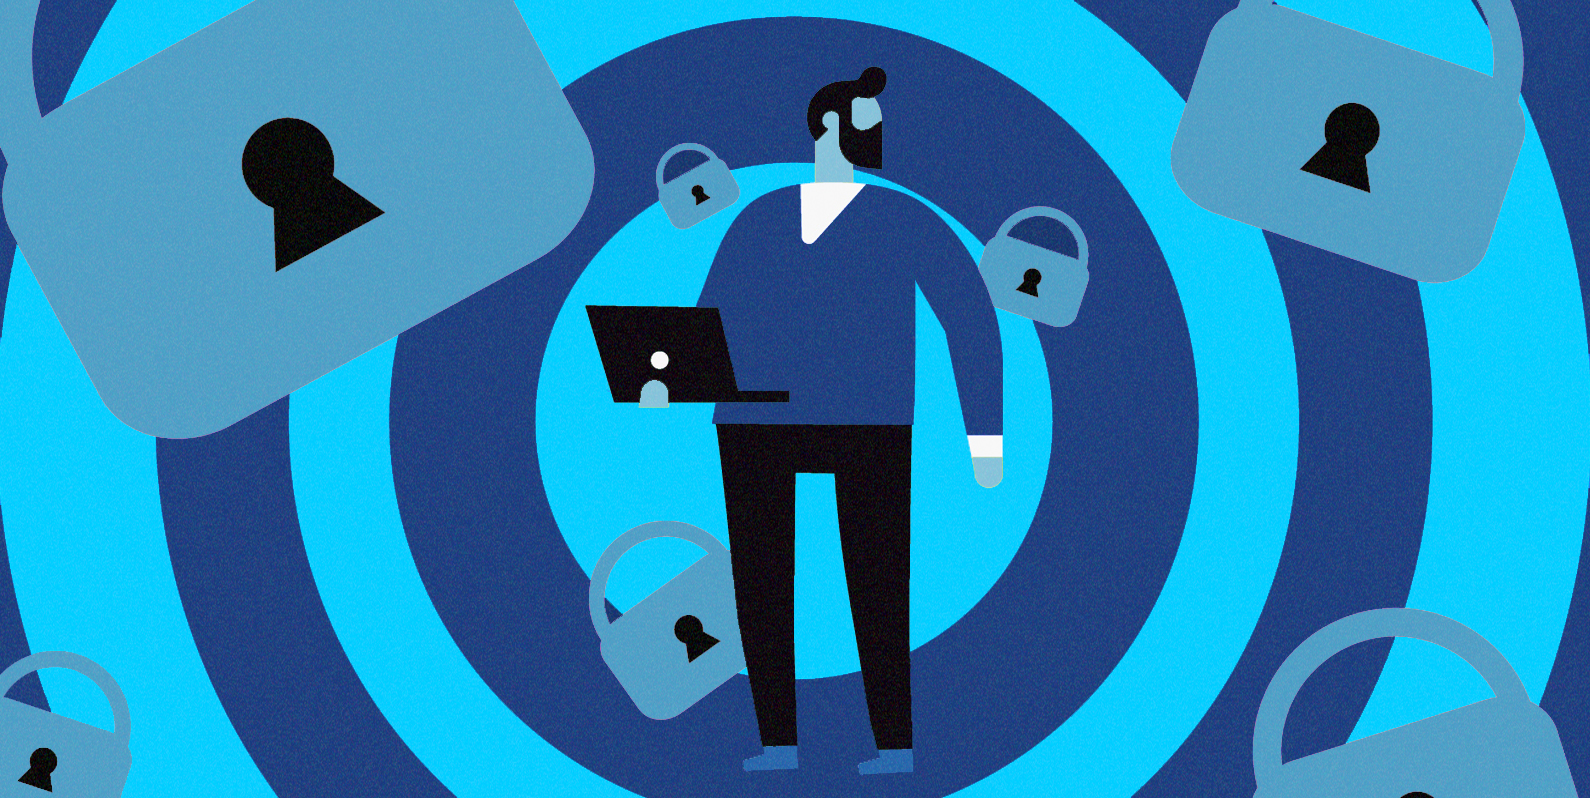 LGPD: conheça seus direitos como titular de dados pessoais